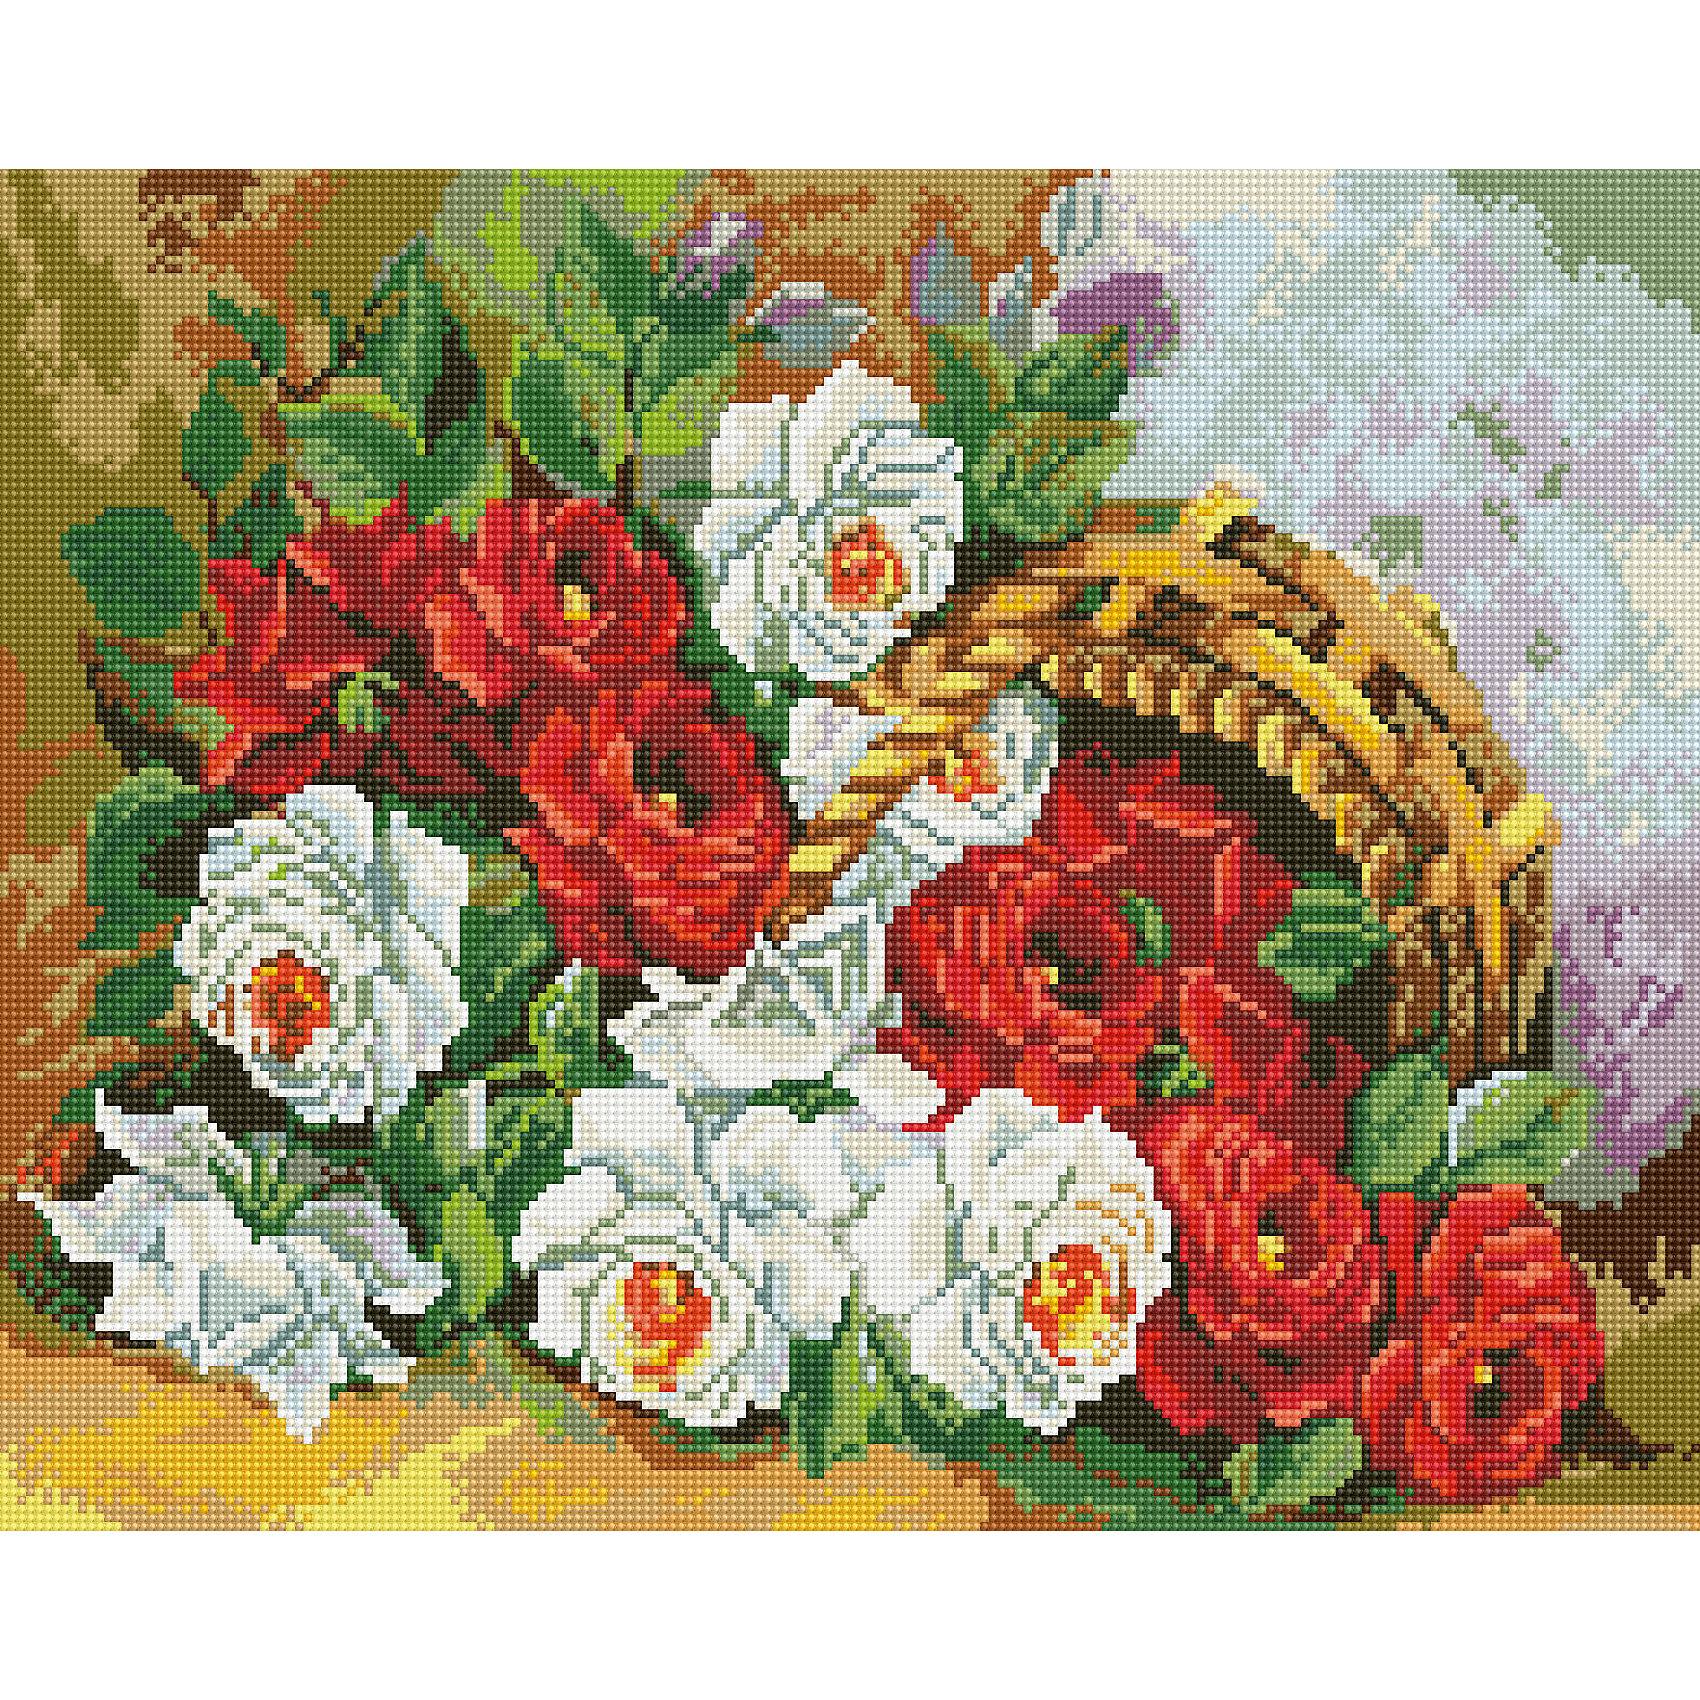 Алмазная мозаика Корзинка с бархатными розами 40*50 смХарактеристики:<br><br>• Предназначение: для занятий творчеством в технике алмазной живописи<br>• Тематика: Цветы<br>• Пол: для девочек<br>• Уровень сложности: средний<br>• Материал: дерево, бумага, акрил, пластик<br>• Цвет: красный, зеленый, черный, желтый, белый, голубой и др.<br>• Количество цветов: 38<br>• Комплектация: холст на подрамнике, стразы, пинцет, карандаш для камней, клей, лоток для камней, инструкция<br>• Размеры (Ш*Д): 40*50 см<br>• Тип выкладки камней: сплошное заполнение рисунка<br>• Стразы квадратной формы <br>• Вес: 900 г <br>• Упаковка: картонная коробка<br><br>Алмазная мозаика Корзинка с бархатными розами 40*50 см – это набор для создания картины в технике алмазной живописи. Набор для творчества включает в себя холст, на который нанесена схема рисунка, комплекта разноцветных страз квадратной формы, подрамника и инструментов для выкладки узора. Все использованные в наборе материалы экологичные и нетоксичные. Картина выполняется в технике сплошного заполнения декоративными элементами поверхности холста, что обеспечивает высокую реалистичность рисунка. На схеме изображена корзинка из лозы с белыми и красными розами. <br>Готовые наборы для алмазной мозаики – это оптимальный вариант для любителей рукоделия, так как в них предусмотрены все материалы в требуемом для изготовления картины количестве. Занятия алмазной живописью позволят развивать навыки чтения схем, выполнения заданий по образцу, будут способствовать внимательности, терпению и развитию мелкой моторики. <br>Наборы алмазной мозаики могут быть преподнесены в качестве подарка не только девочкам, но и взрослым любительницам рукоделия.<br><br>Алмазную мозаику Корзинка с бархатными розами 40*50 см можно купить в нашем интернет-магазине.<br><br>Ширина мм: 420<br>Глубина мм: 520<br>Высота мм: 50<br>Вес г: 900<br>Возраст от месяцев: 96<br>Возраст до месяцев: 2147483647<br>Пол: Женский<br>Возраст: Детский<br>SKU: 5217130